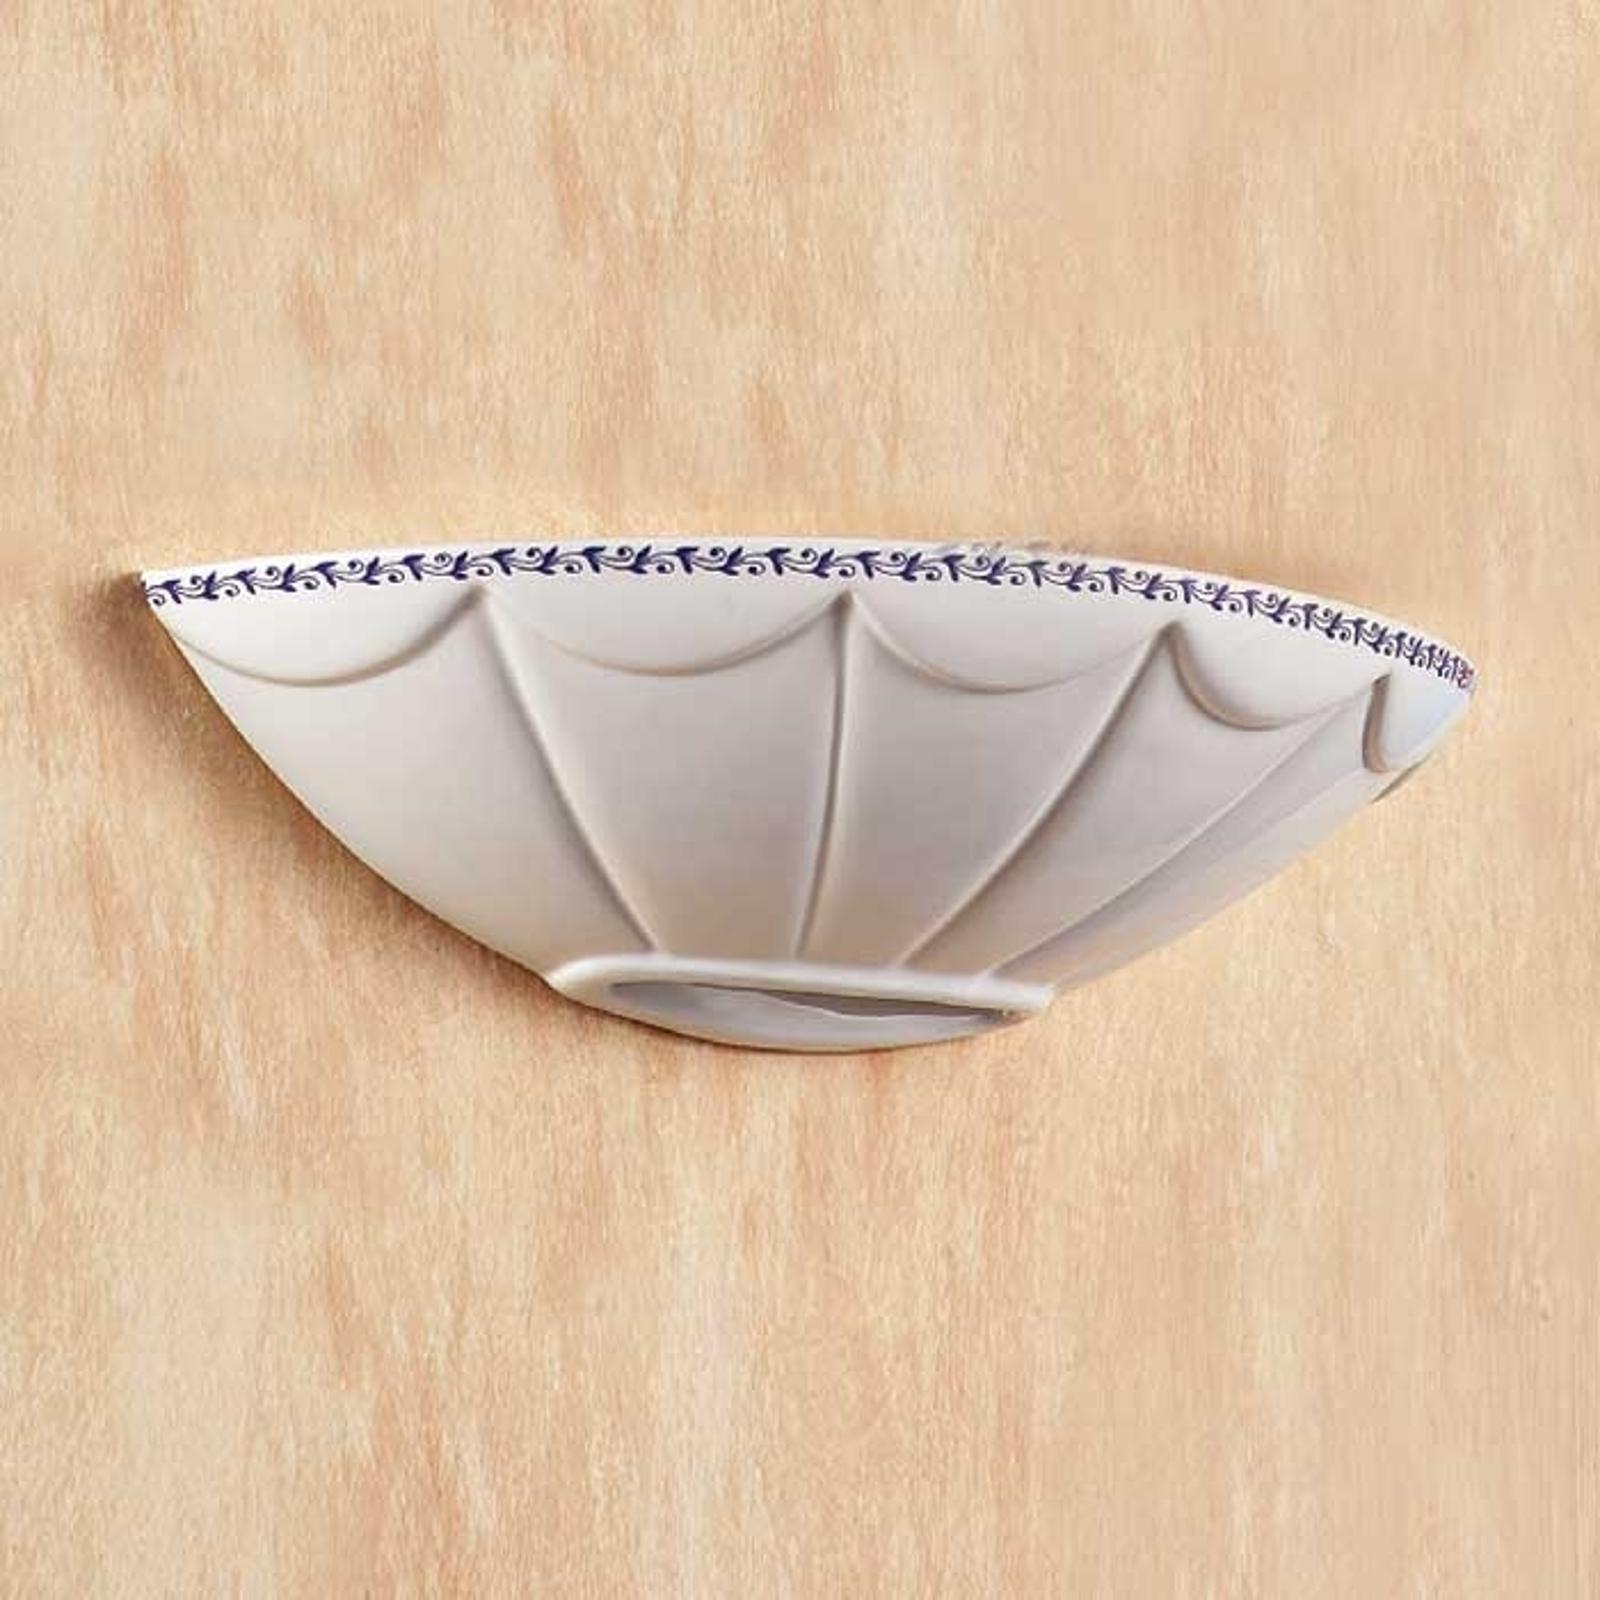 Nástěnné světlo Il Punti půlkulatá keramická miska